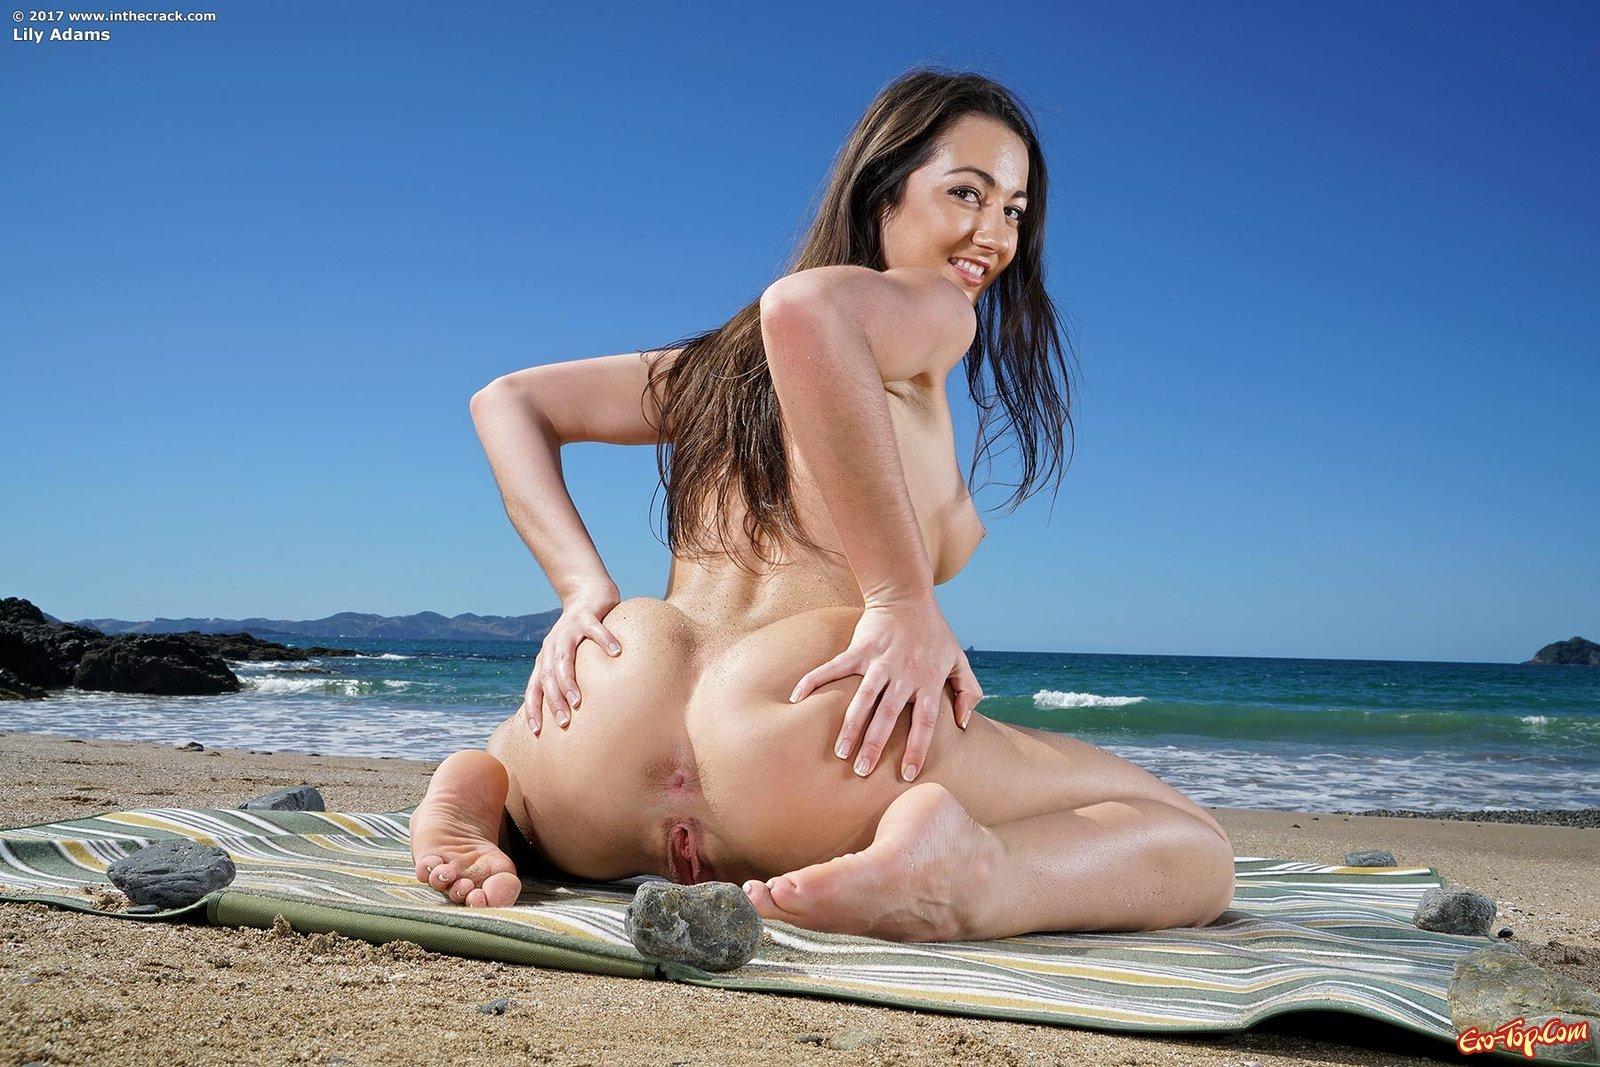 Сексуальная брюнетка раздвигает ноги на пляже у моря